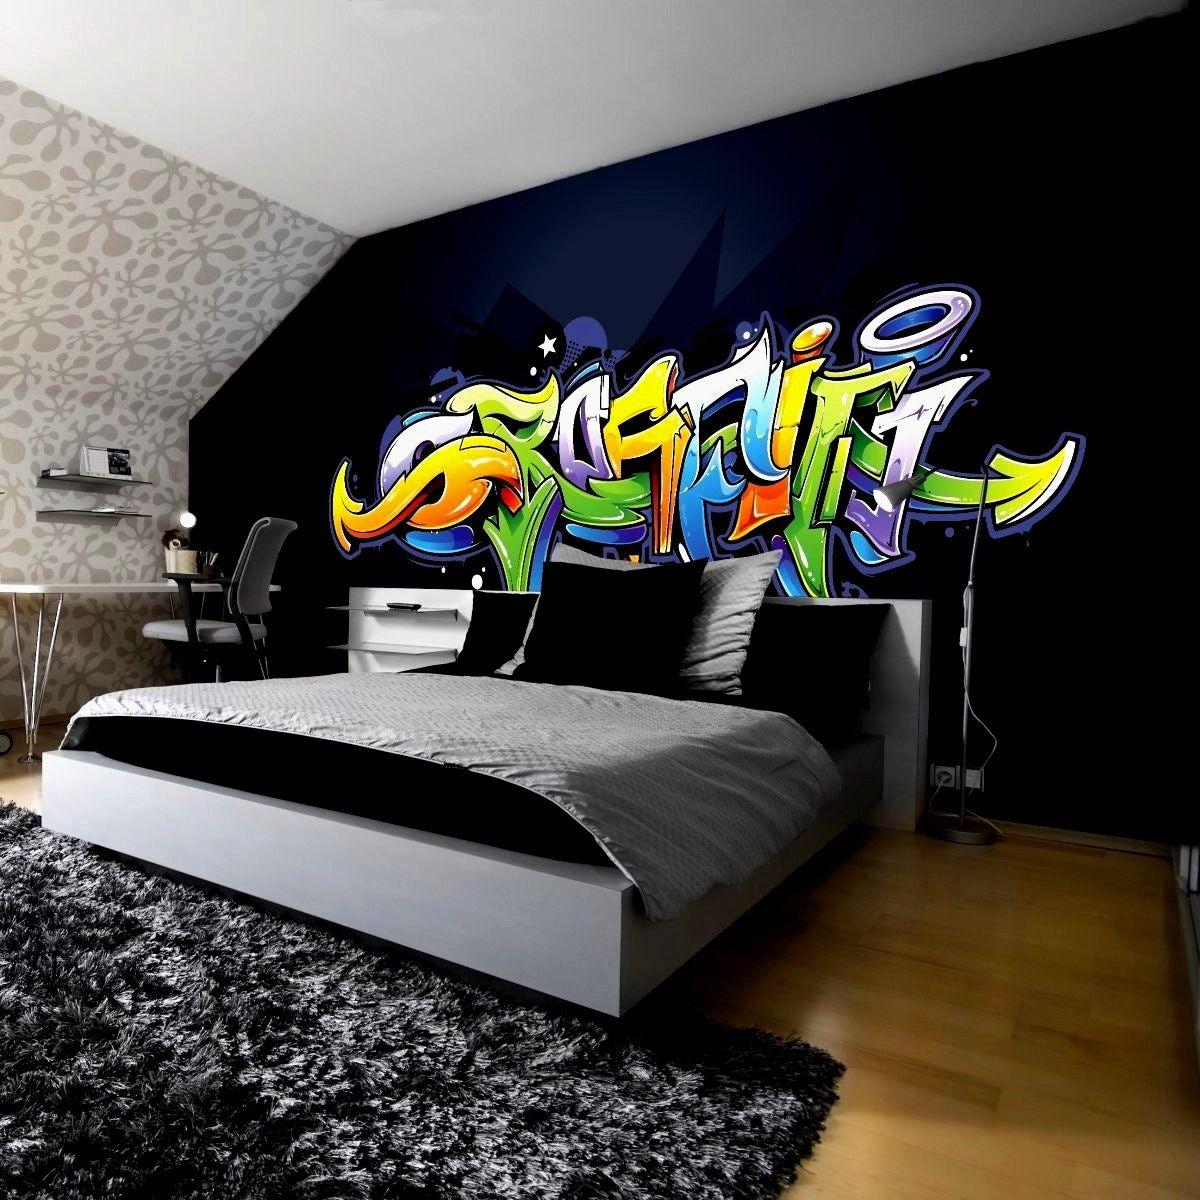 Häusliche Verbesserung Wandtattoo Jugendzimmer Graffiti Ideen Jungen ...